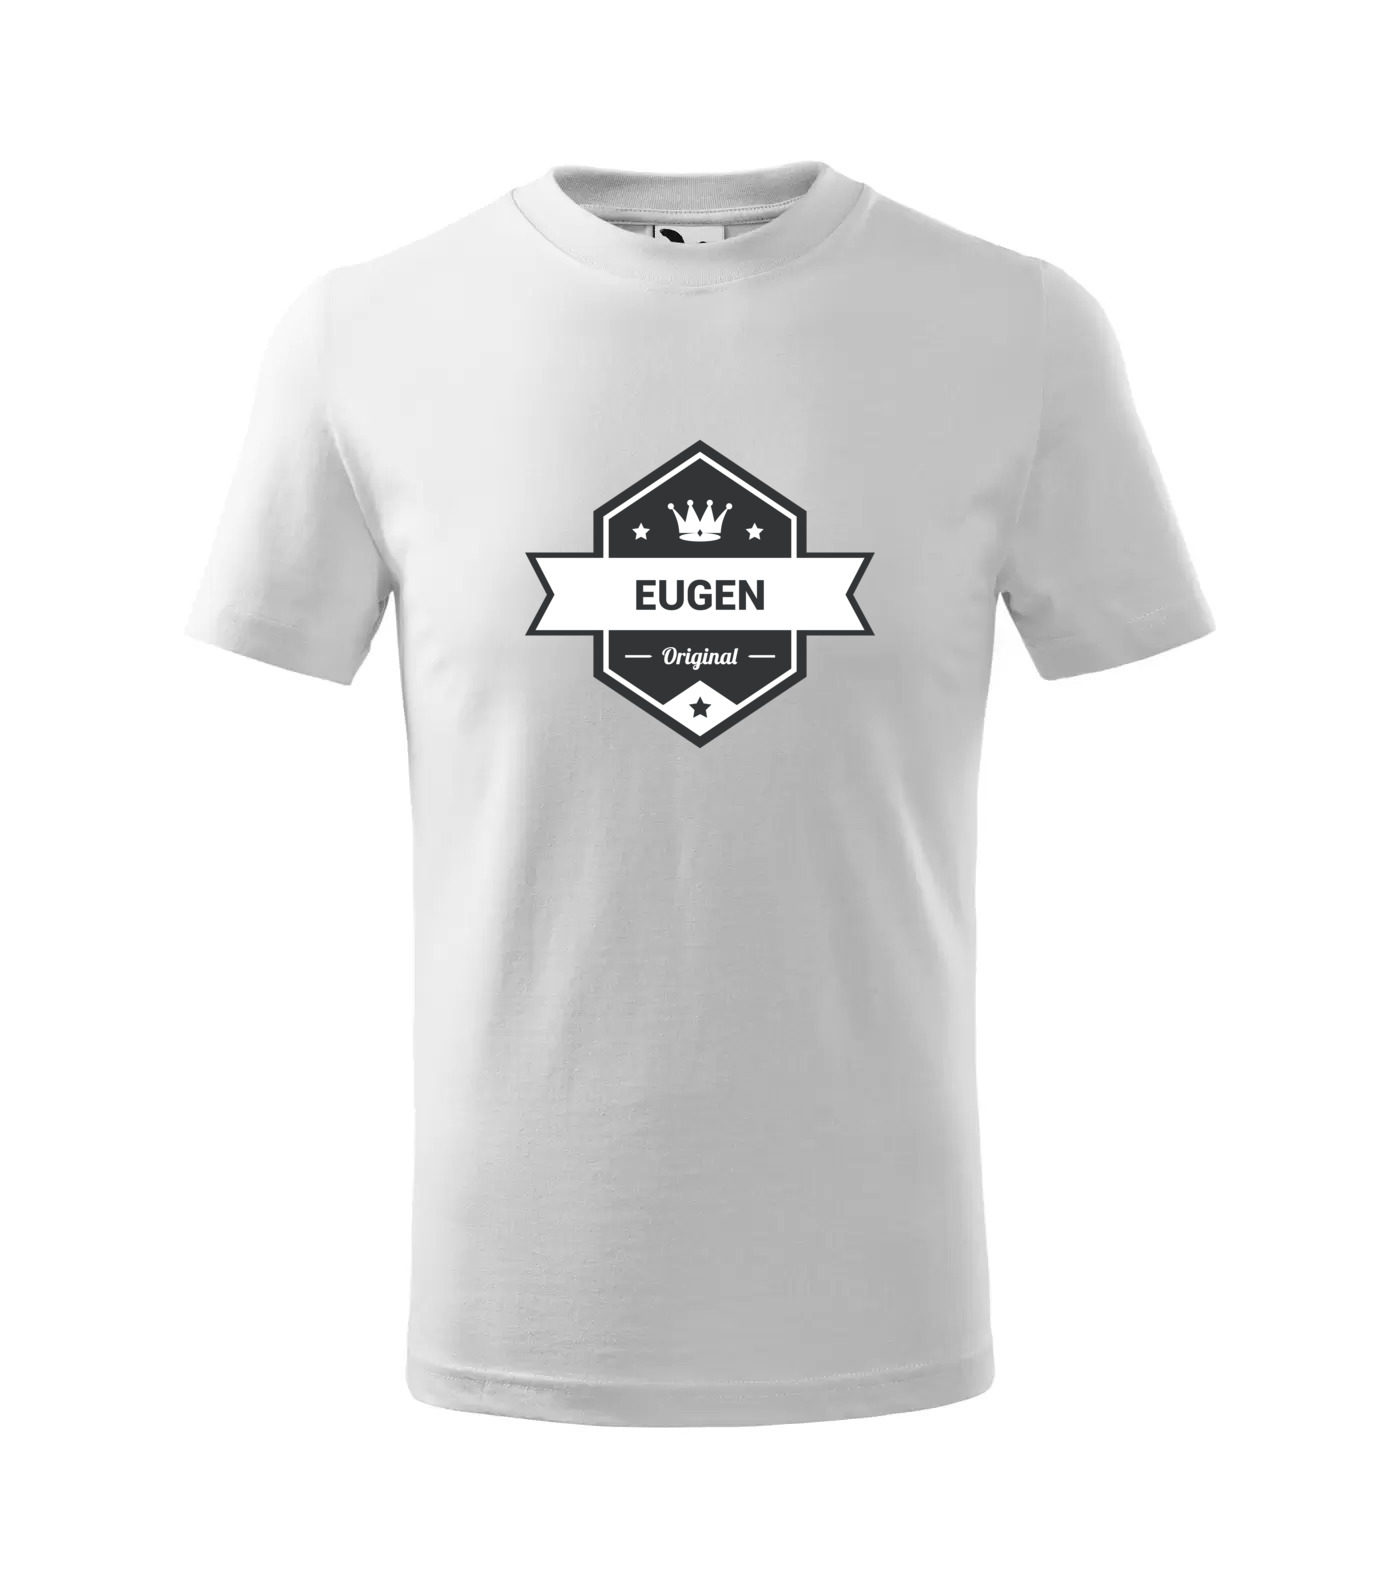 Tričko King Eugen